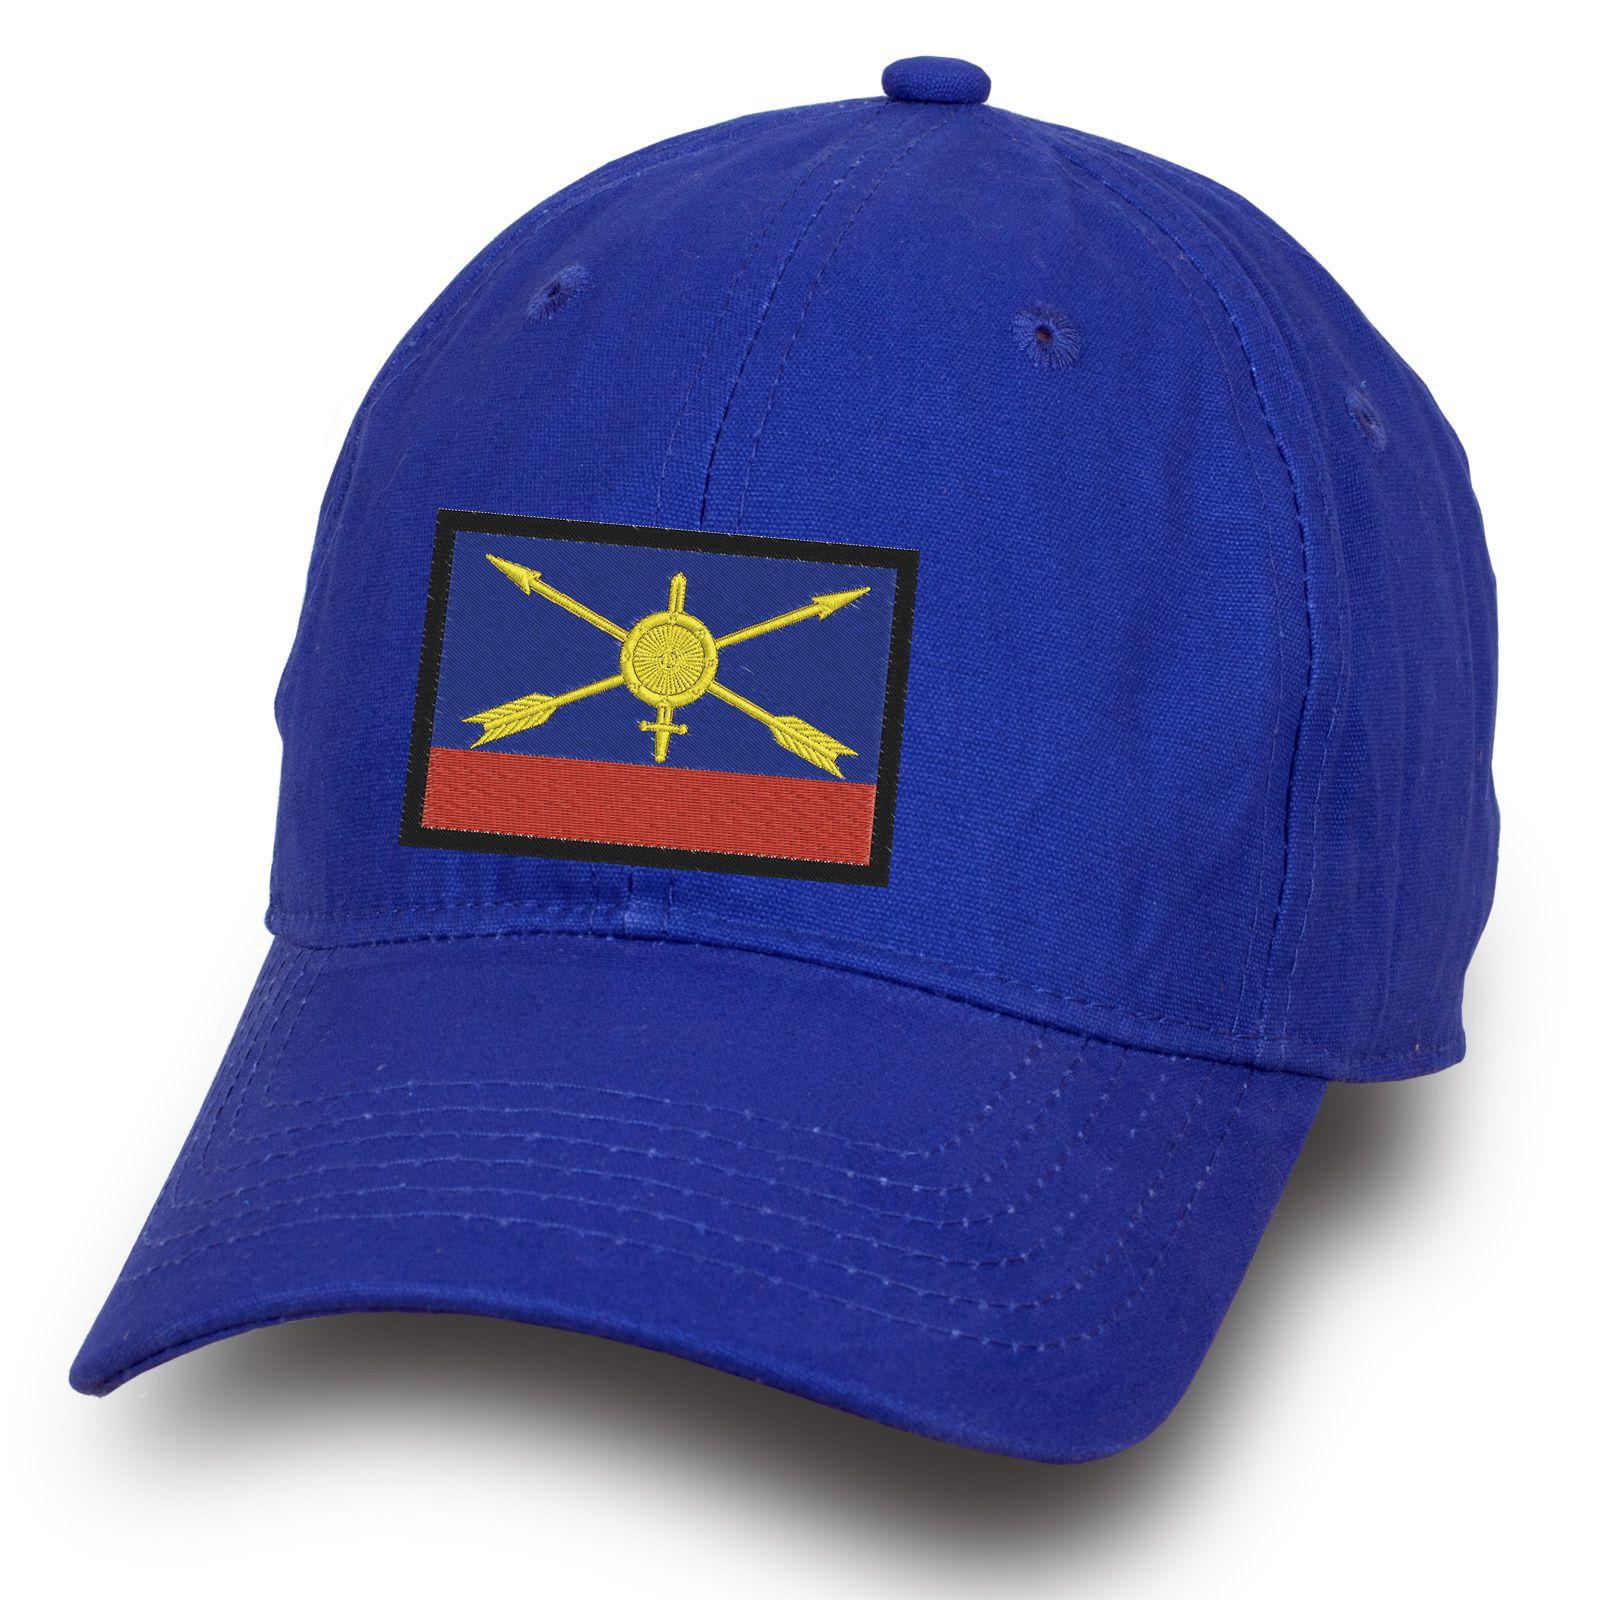 Синяя бейсболка РВСН - купить в интернет-магазине